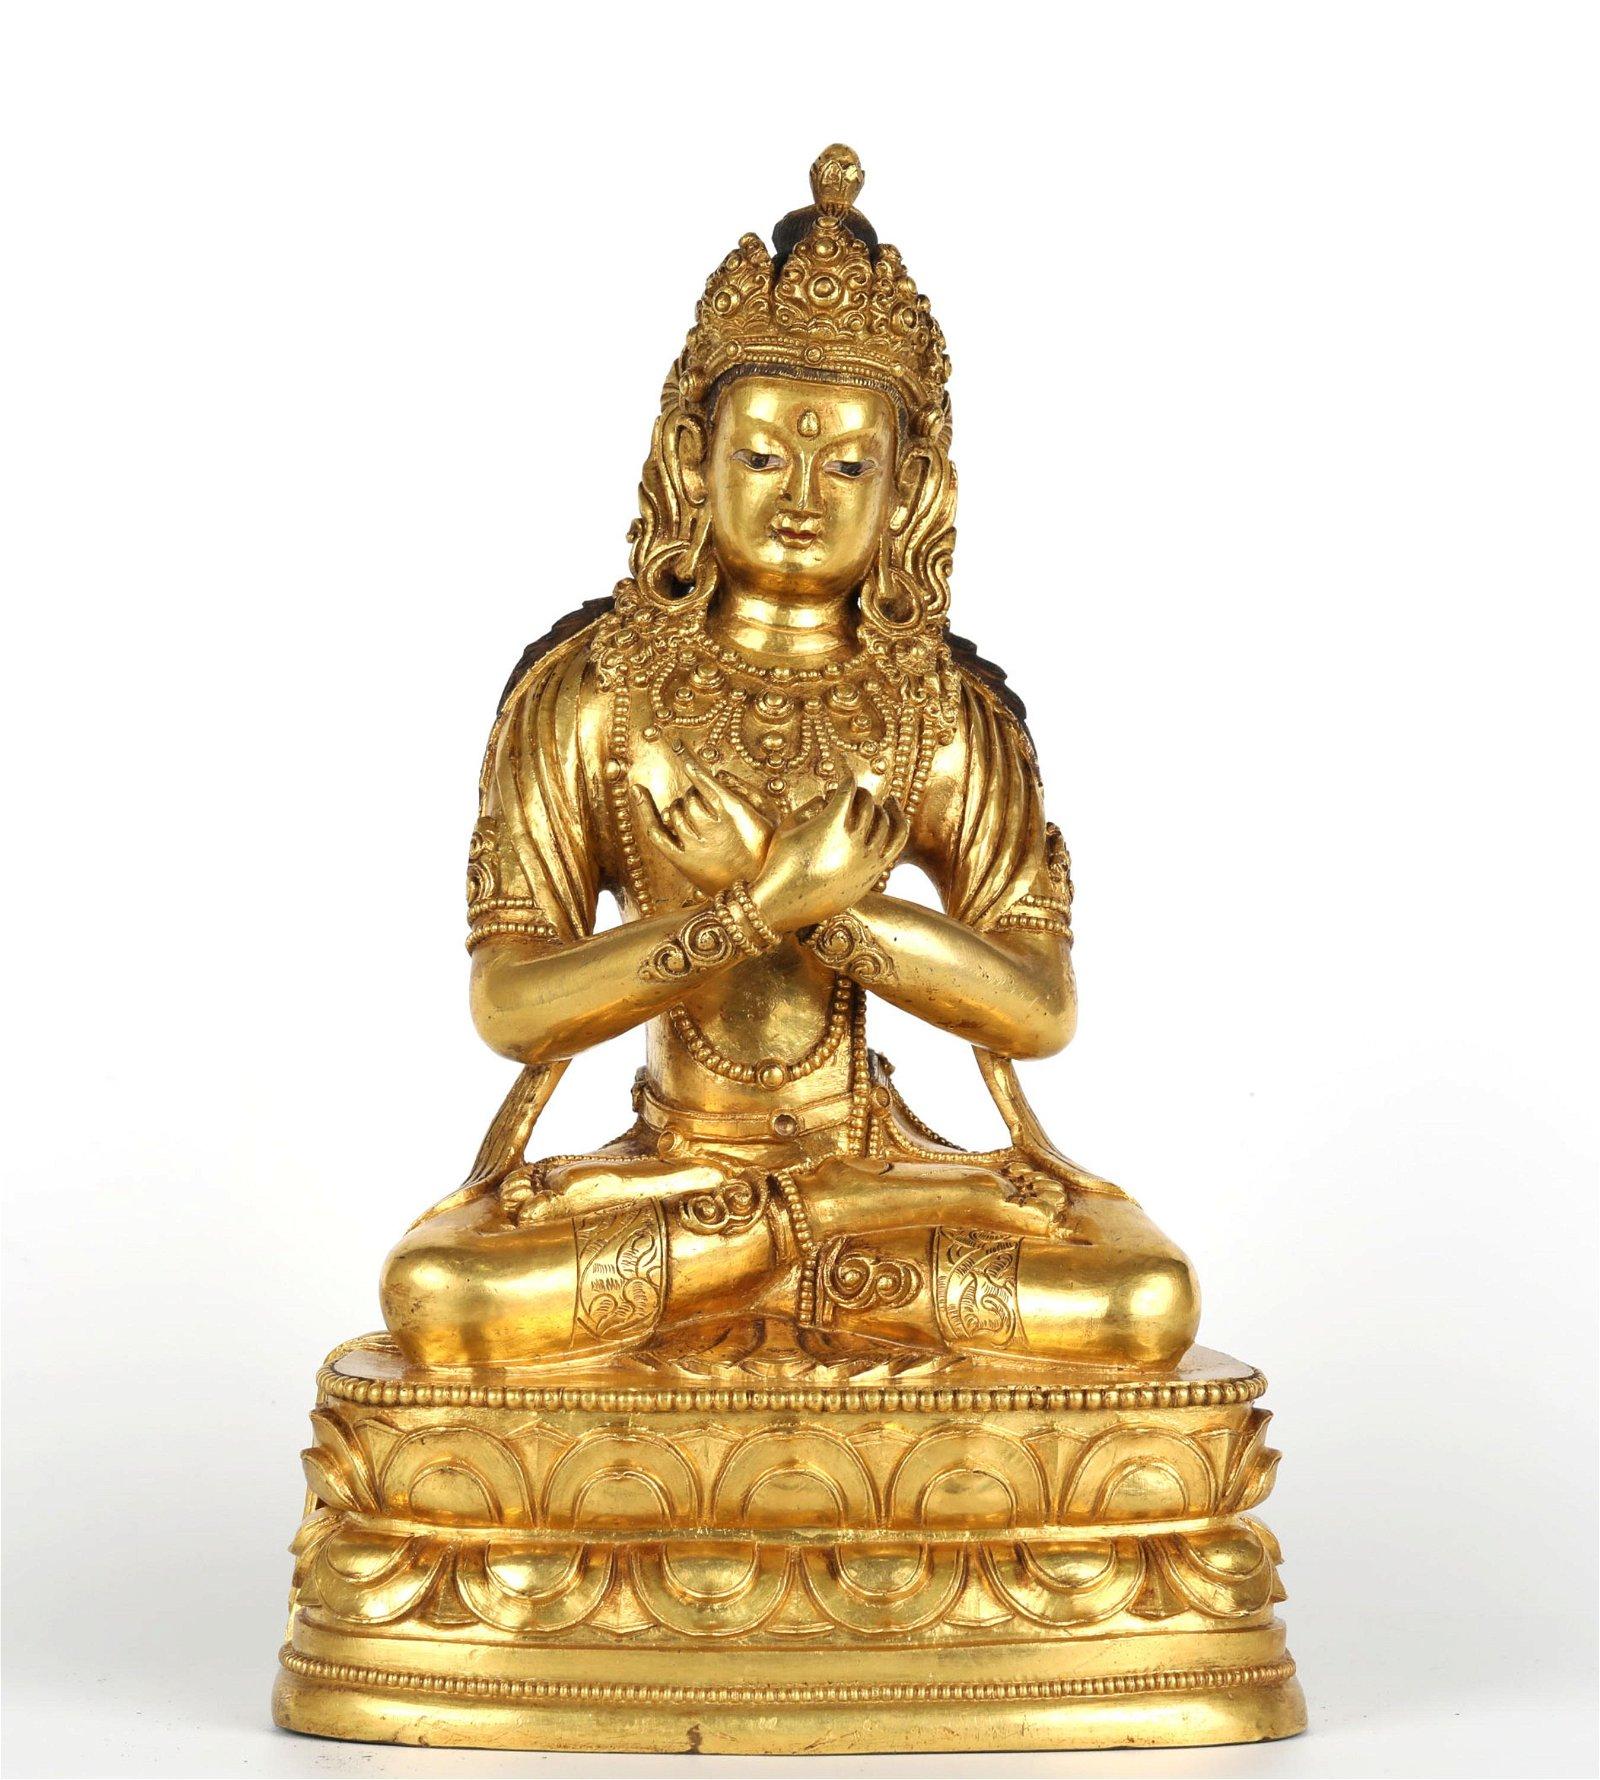 Chinese Gilt Bronze Buddha Figure of Vajradhara